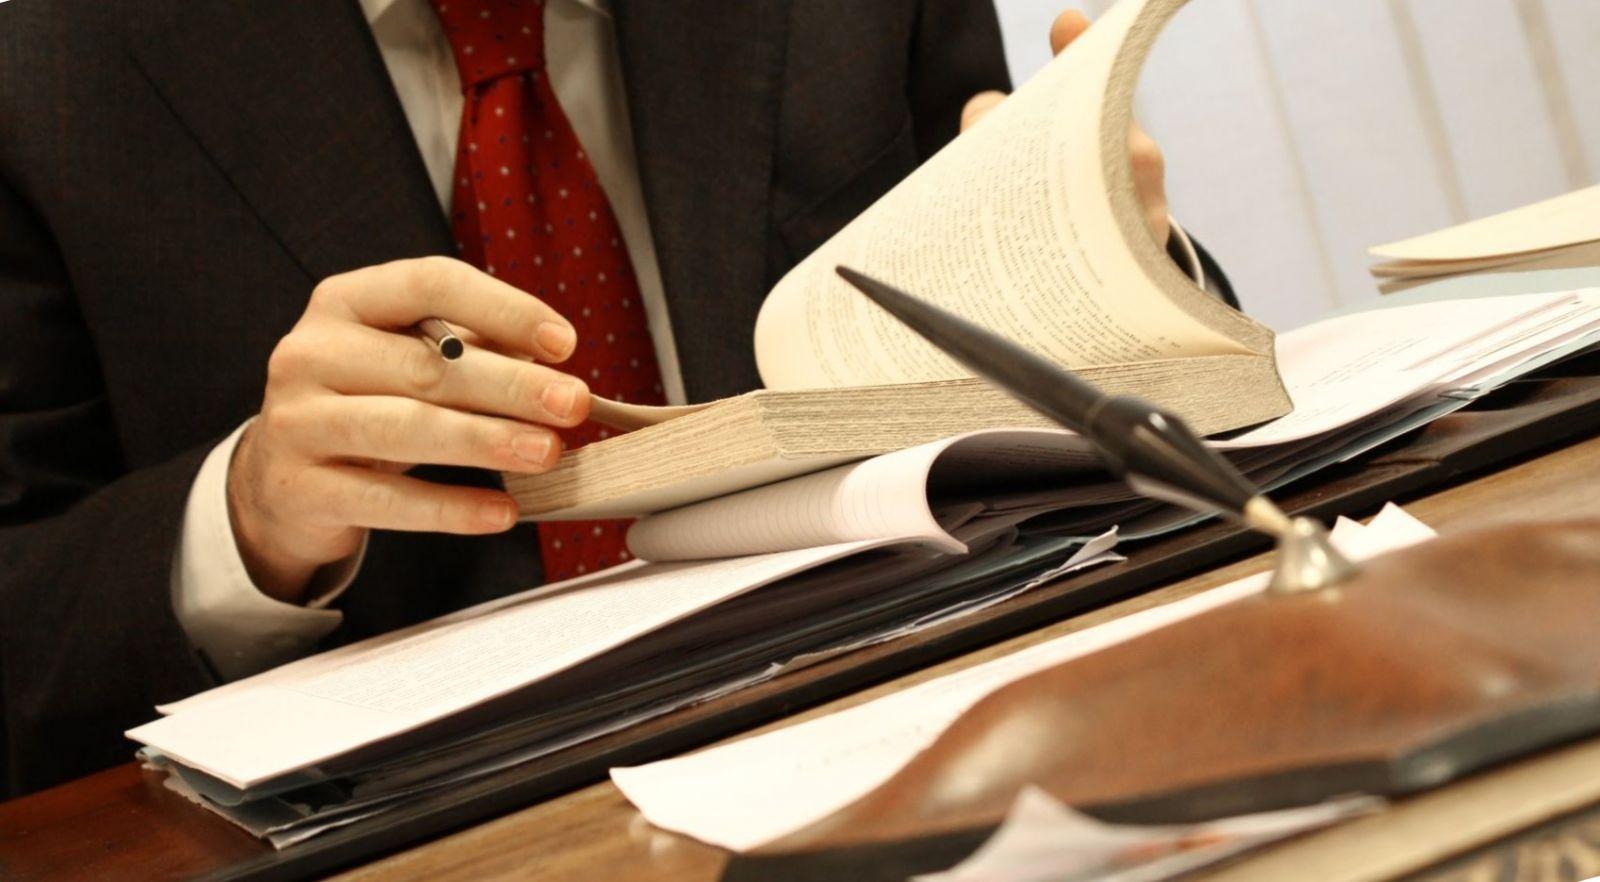 В Твери юридическая фирма пыталась нажиться на пенсионере